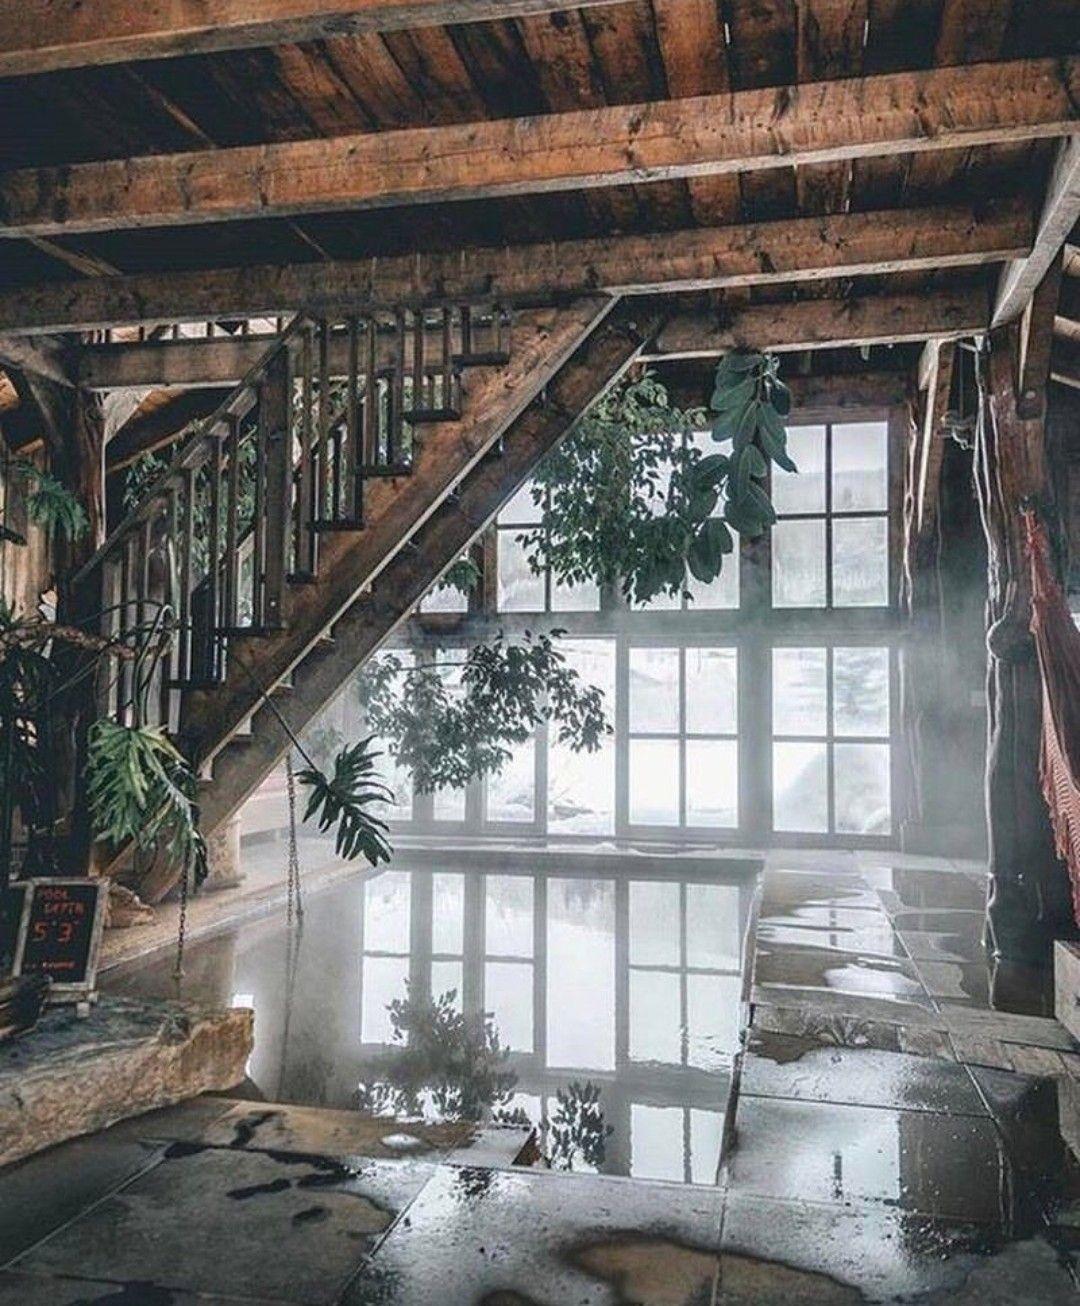 그림에 있는 방숙희님의 핀 | 자연 친화적 건축, 집 디자인, 건축